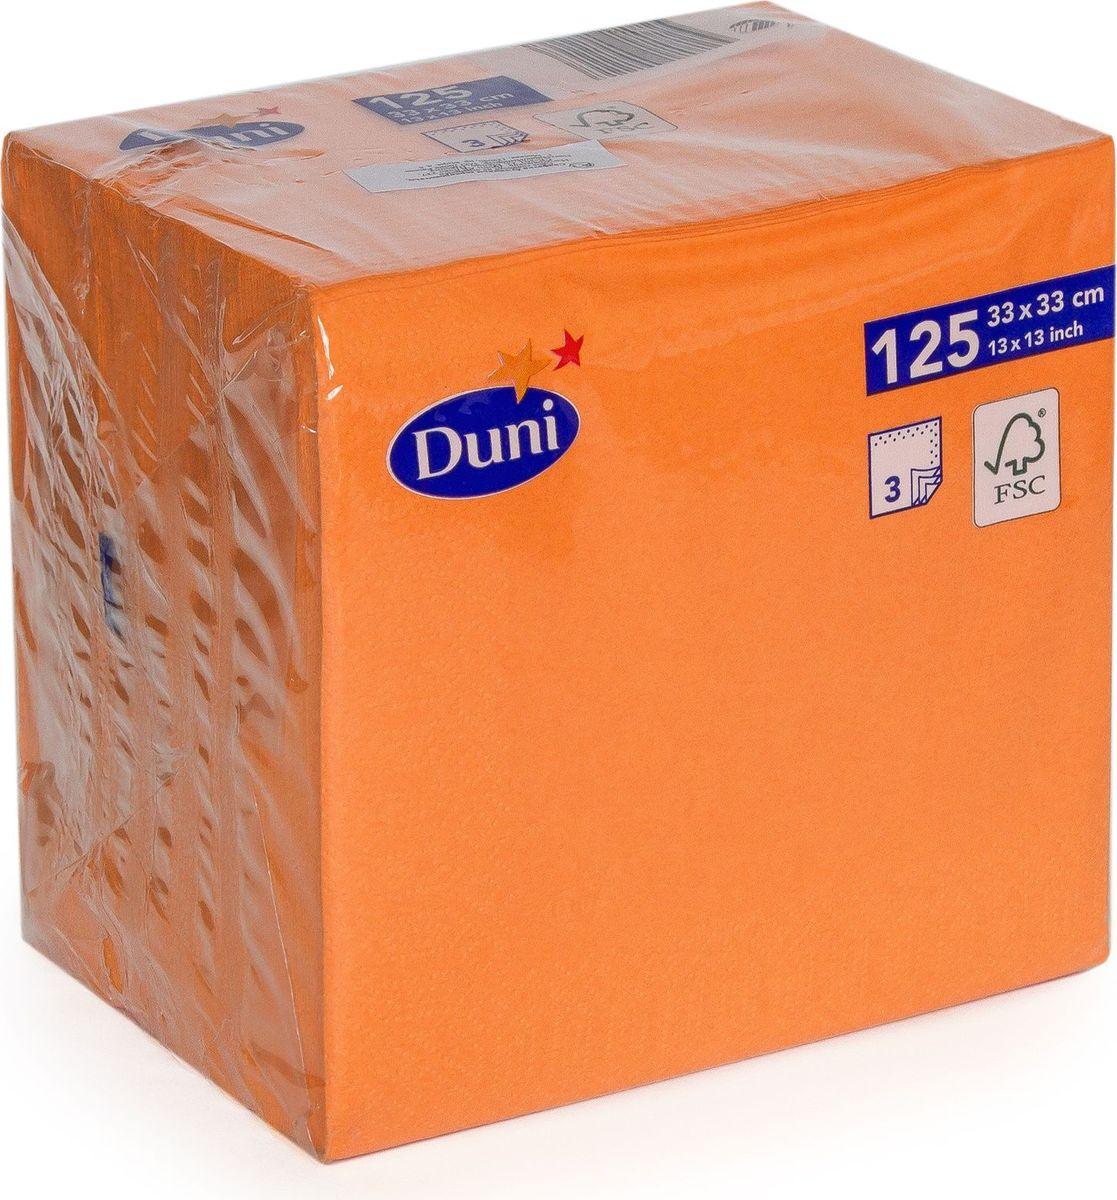 Салфетки бумажные Duni, 3-слойные, цвет: красный, 33 х 33 см. 149111 бумажные салфетки duni салфетки бумажные 3 слойные 33 х 33 см белые 20 шт